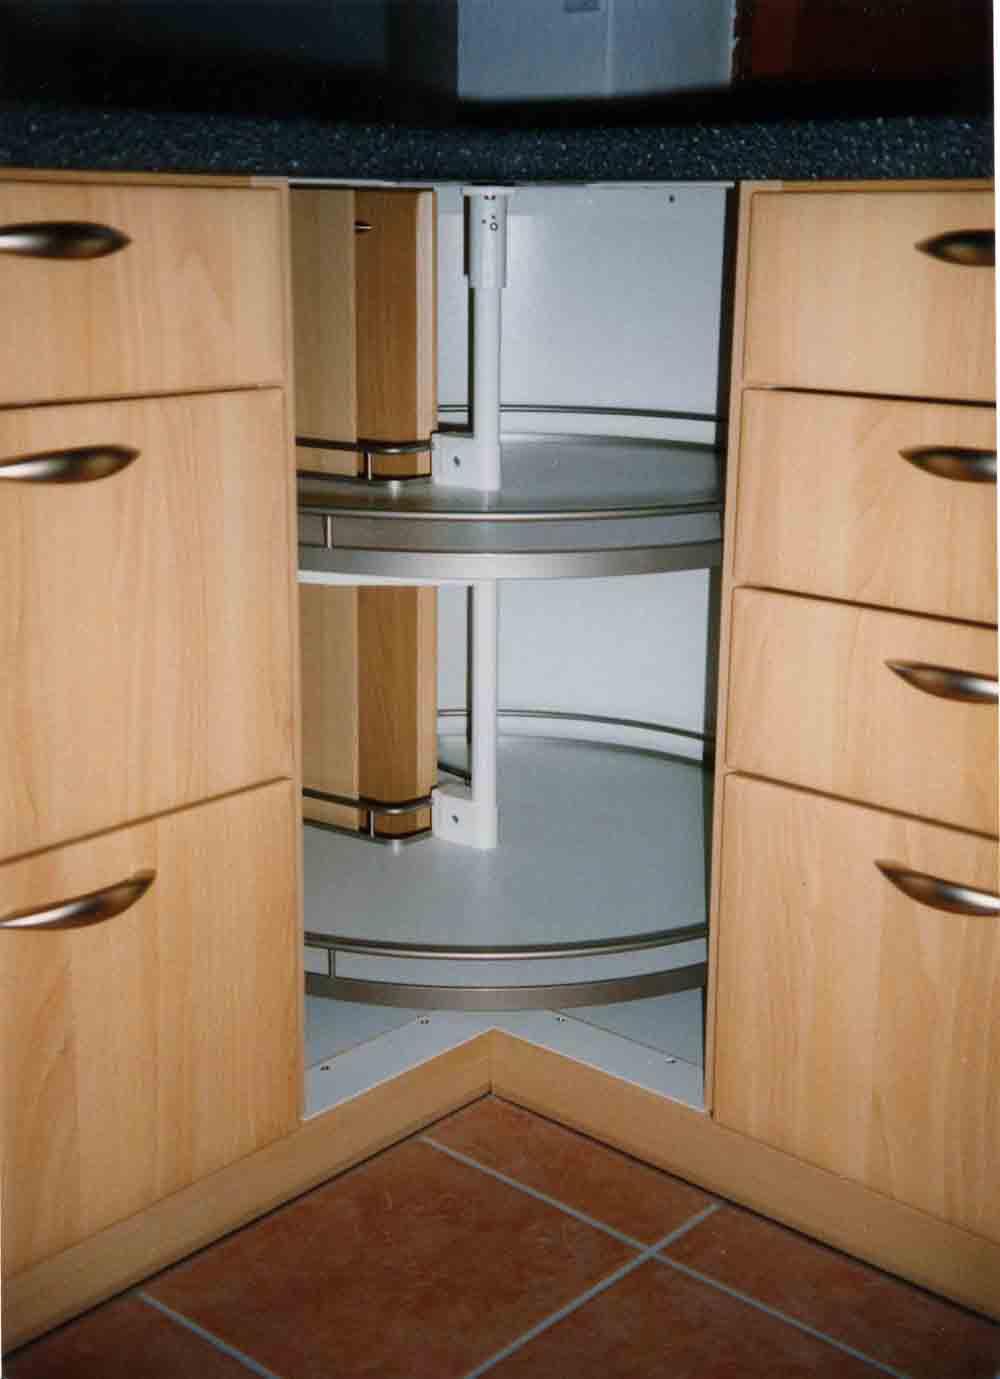 Full Size of Kleine Schreinerküche Kosten Für Schreinerküche Schreinerküche Gebraucht Schreinerküche Ebay Kleinanzeigen Küche Schreinerküche